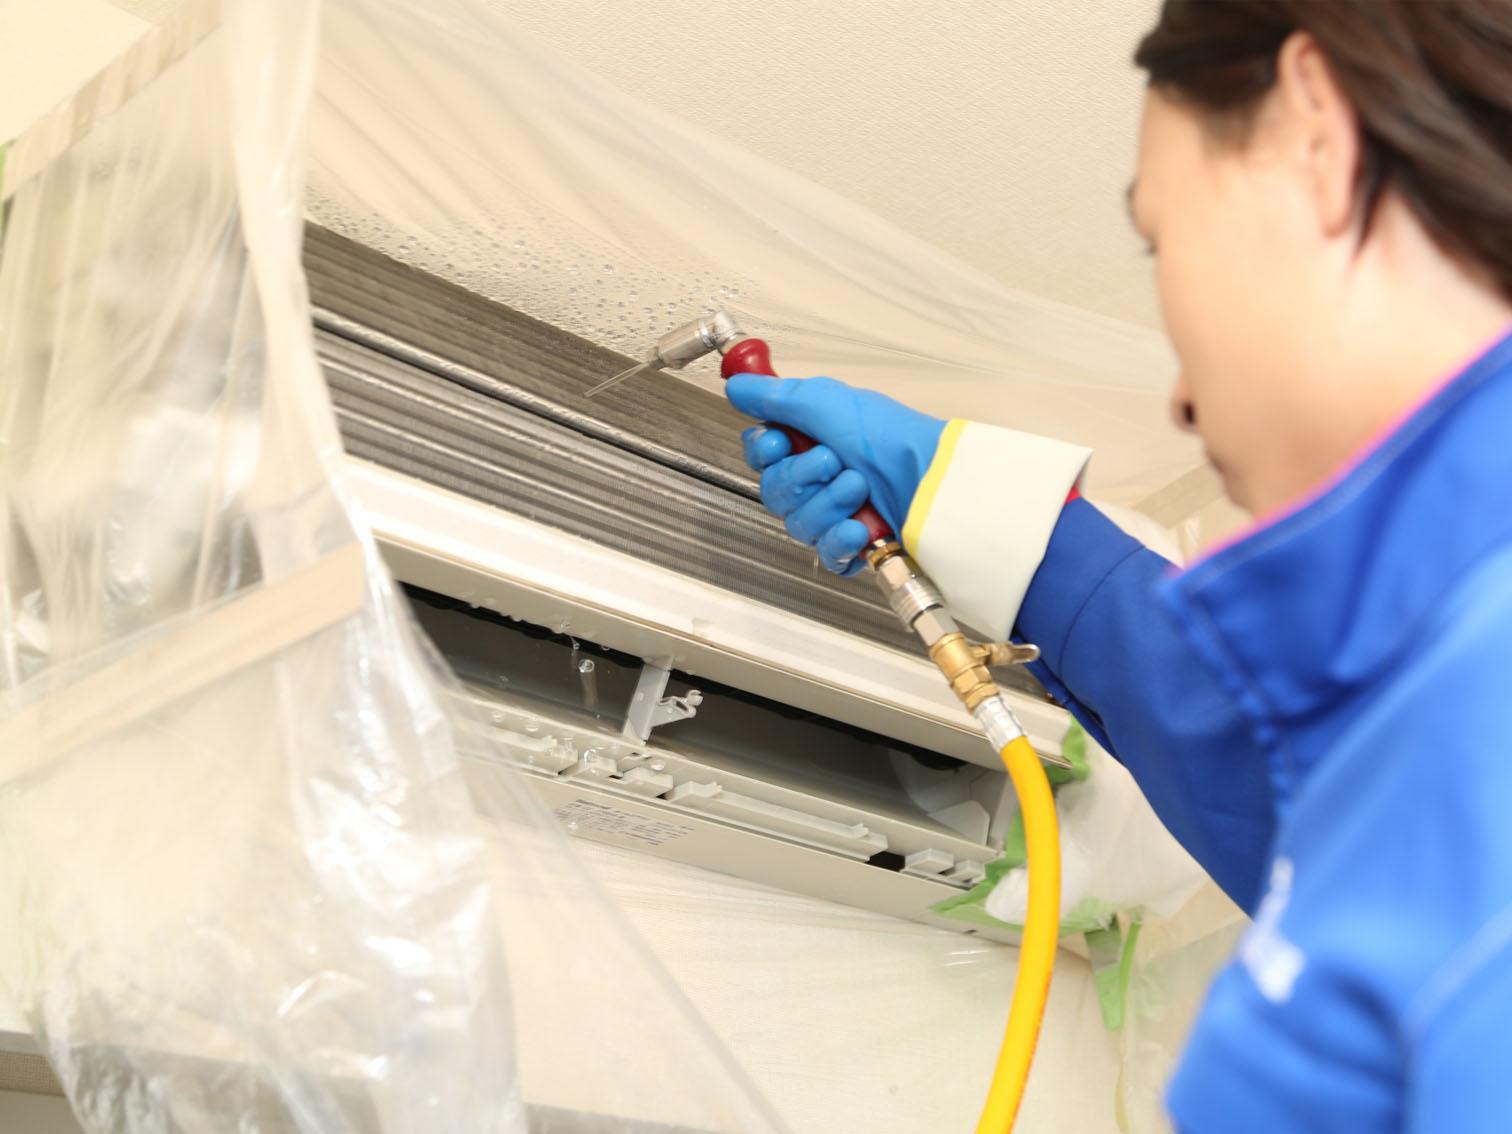 2.専用機材で内部を徹底的に洗浄します